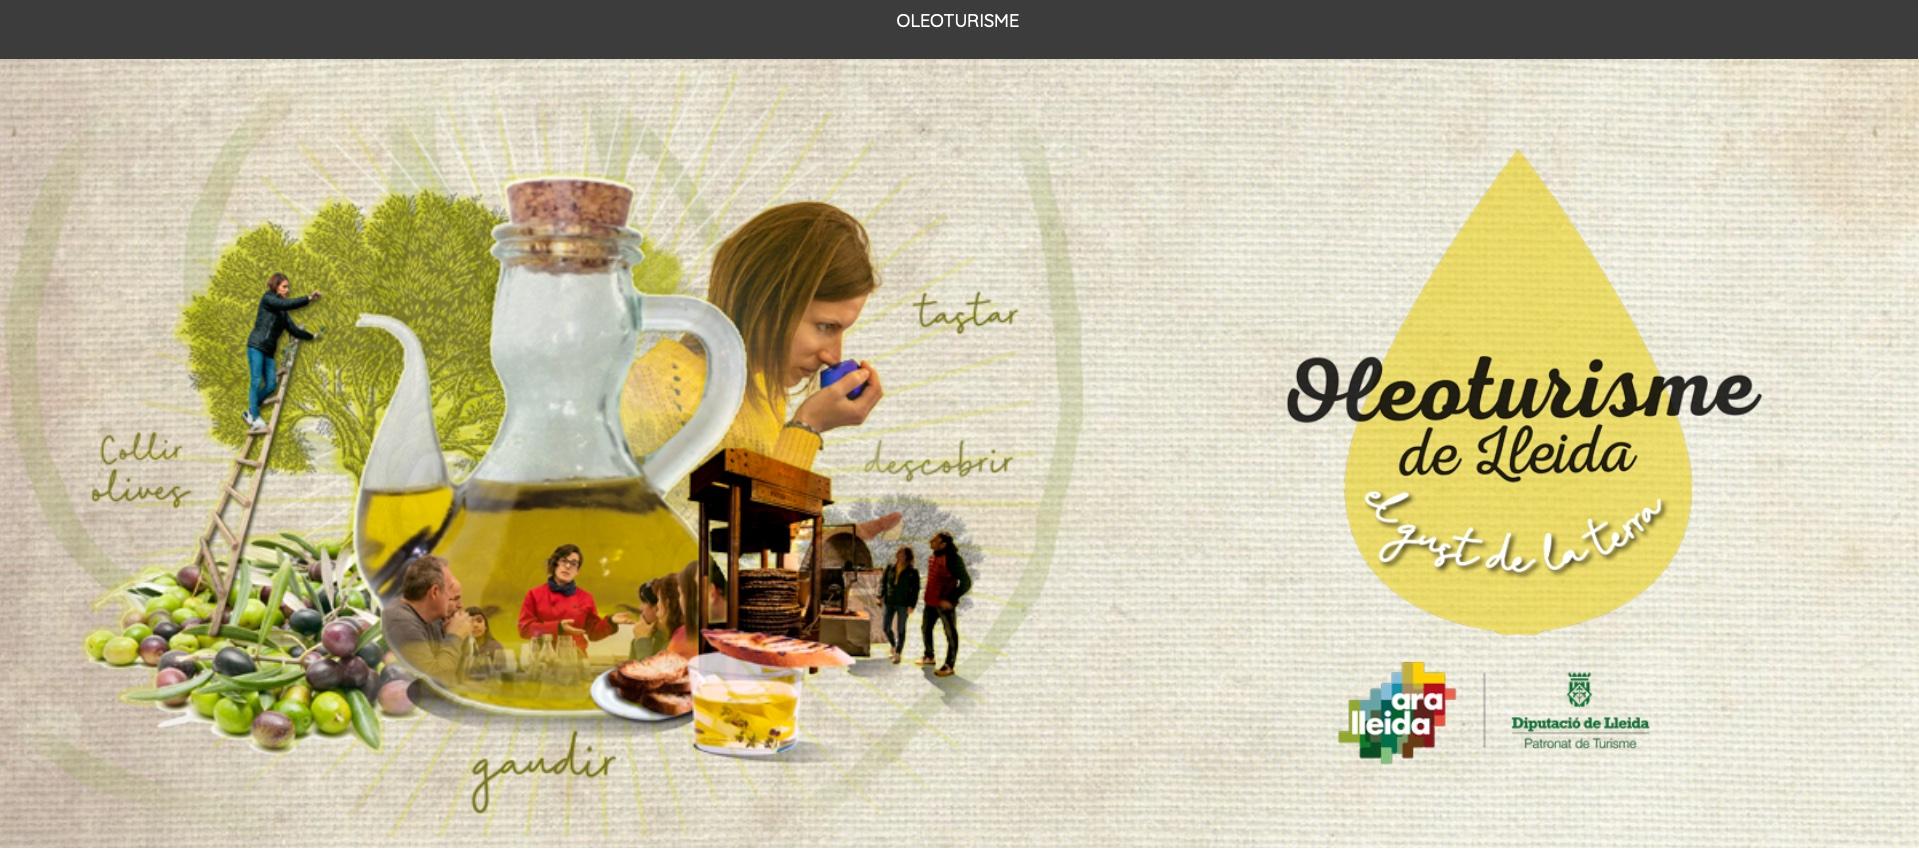 Creació de l'oferta de producte d'oleoturisme per Ara Lleida - Tourislab